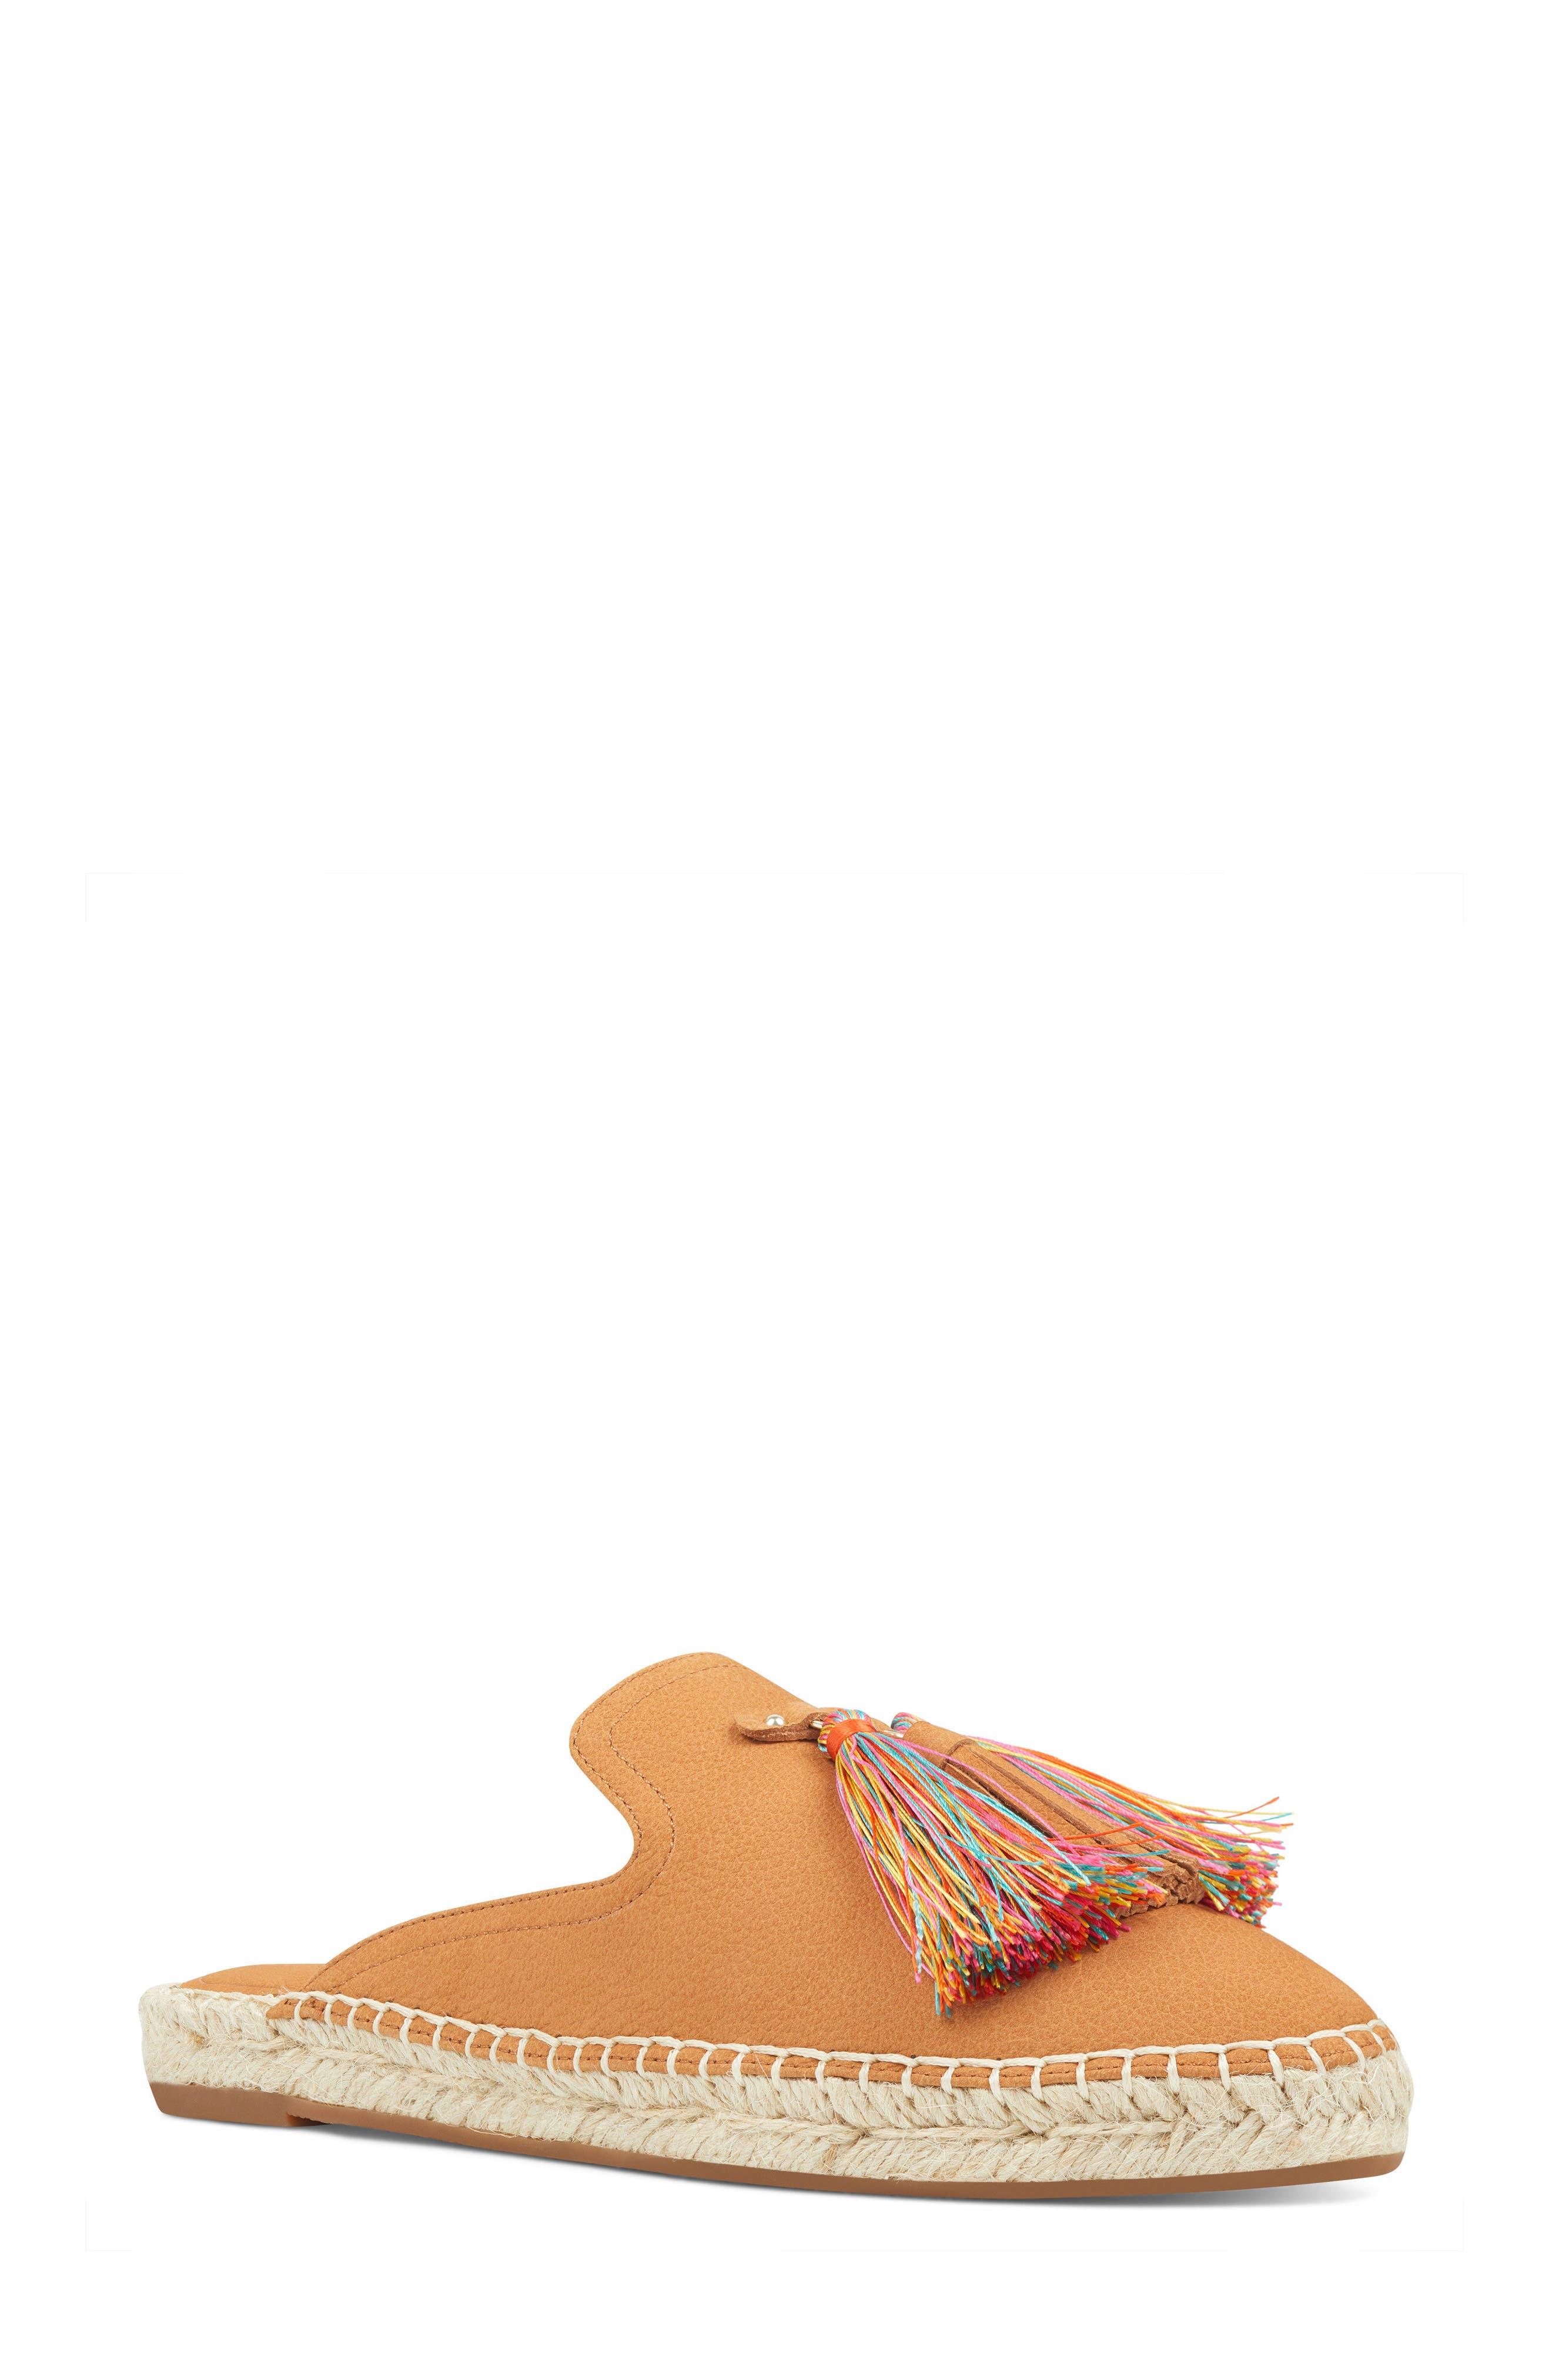 Val Tasseled Loafer Mule,                         Main,                         color, Dark Natural Suede